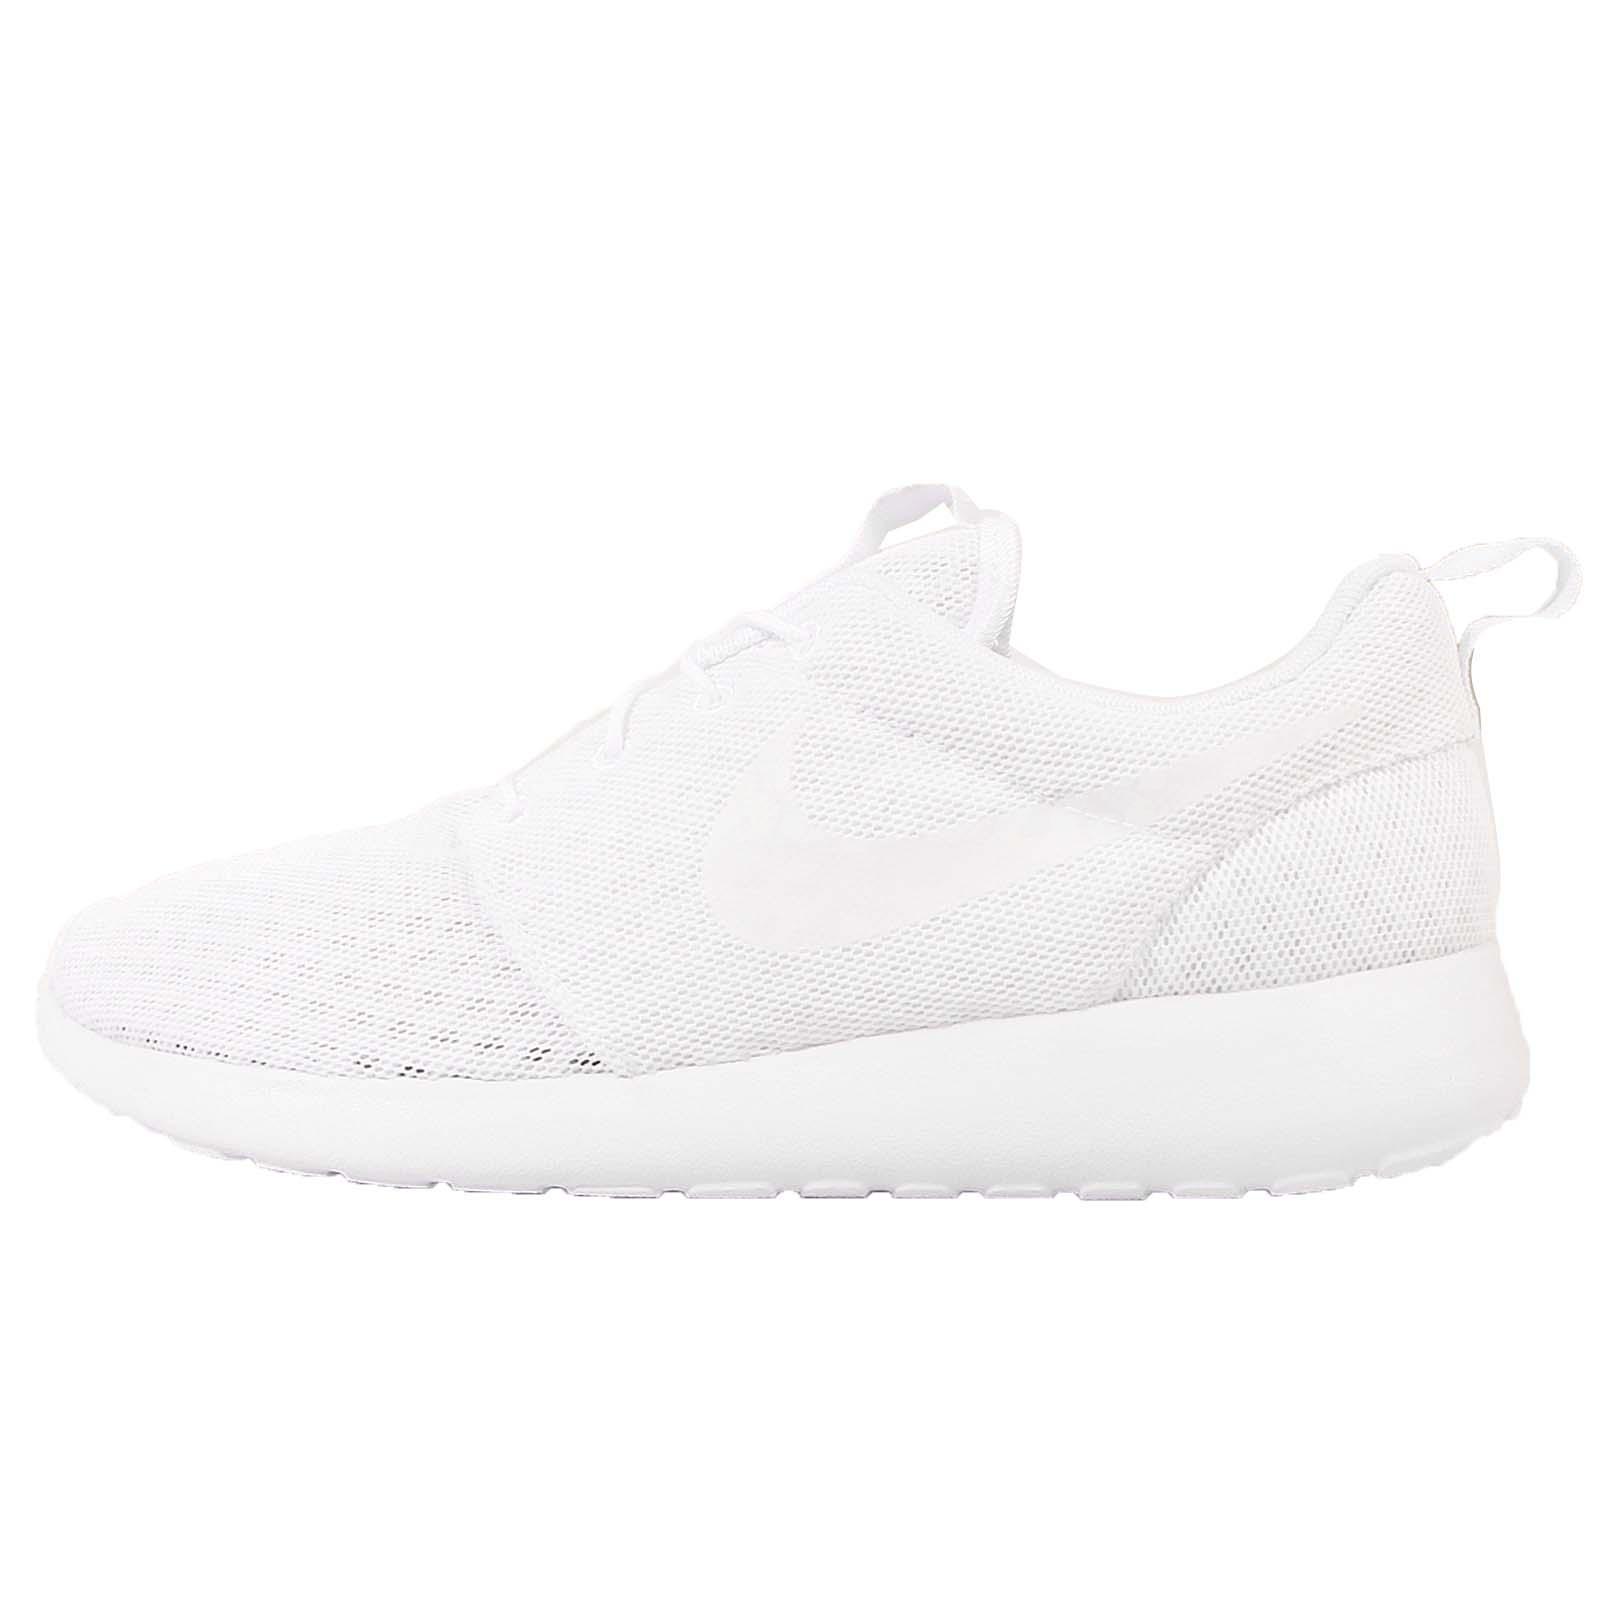 cxldd Nike Roshe One BR Breeze Triple White Roshe Run Mens Running Shoes